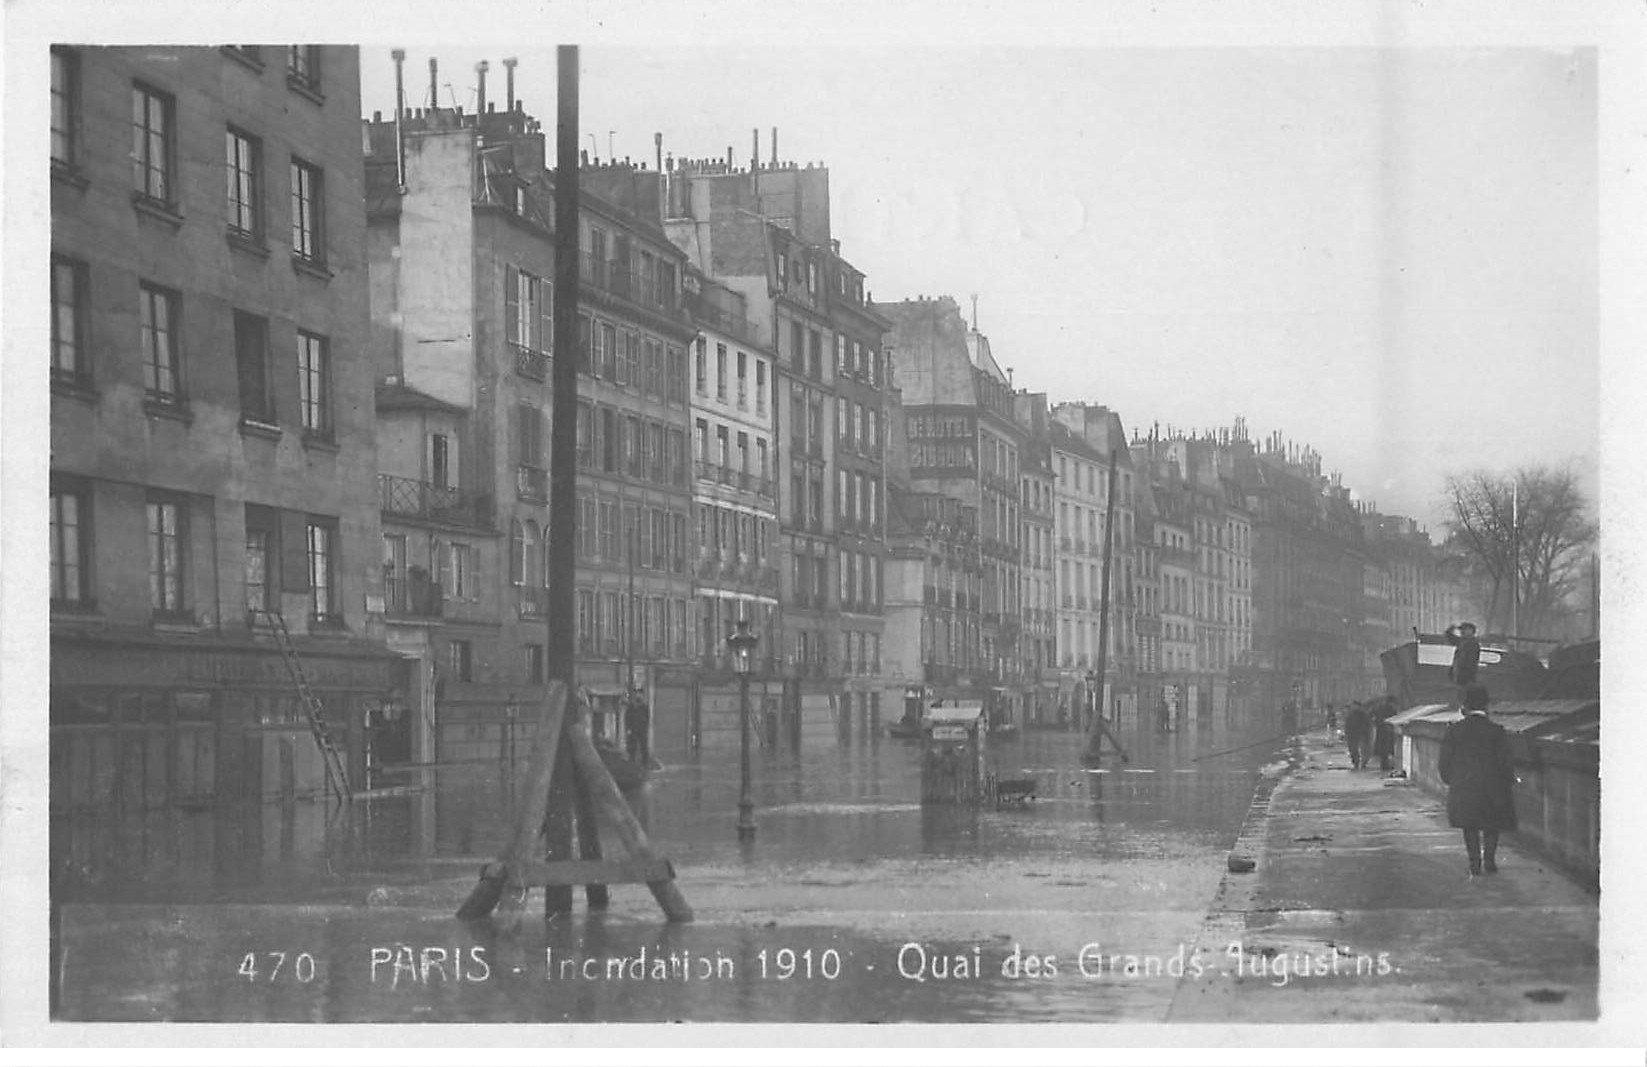 carte postale ancienne Inondation et Crue de PARIS 1910. Bouquinistes Quai des Grands-Augustins. Carte Photo Ed. Rose